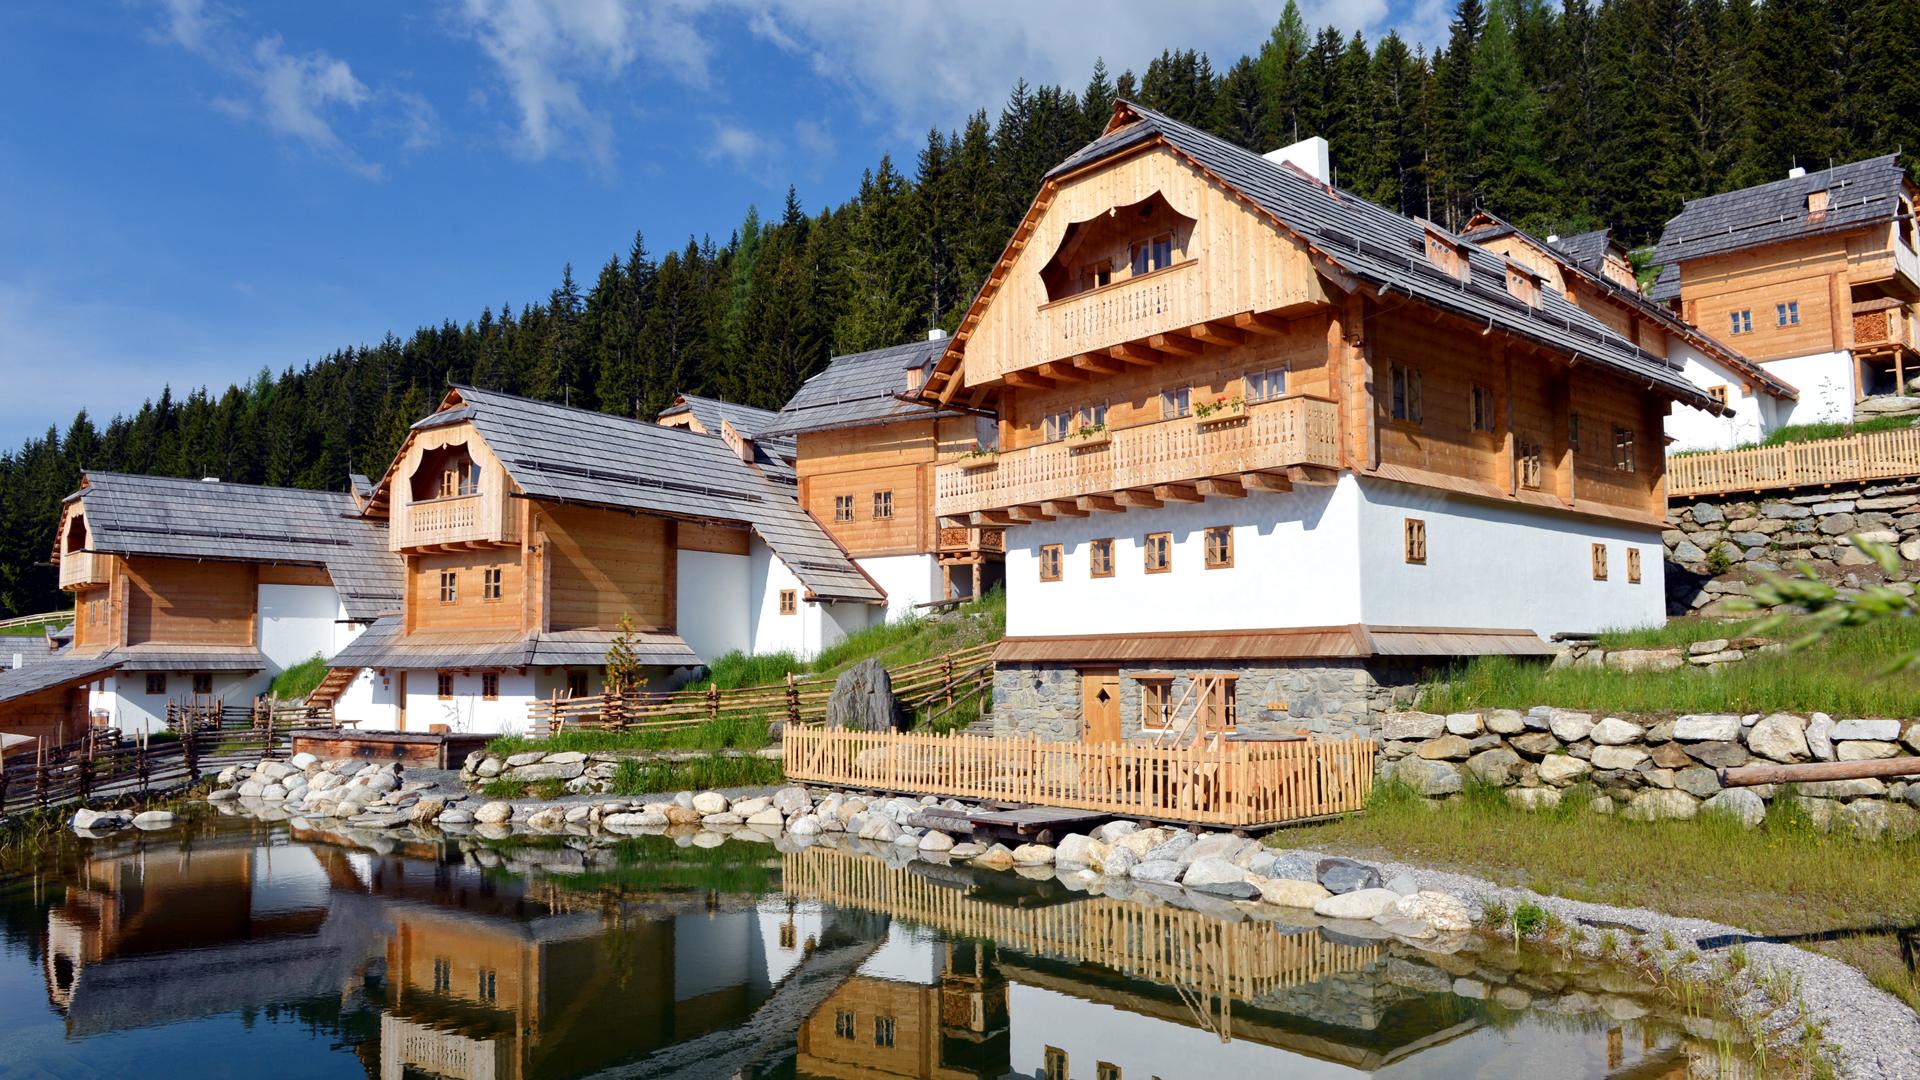 Valentine Chalets Chalet, Austria